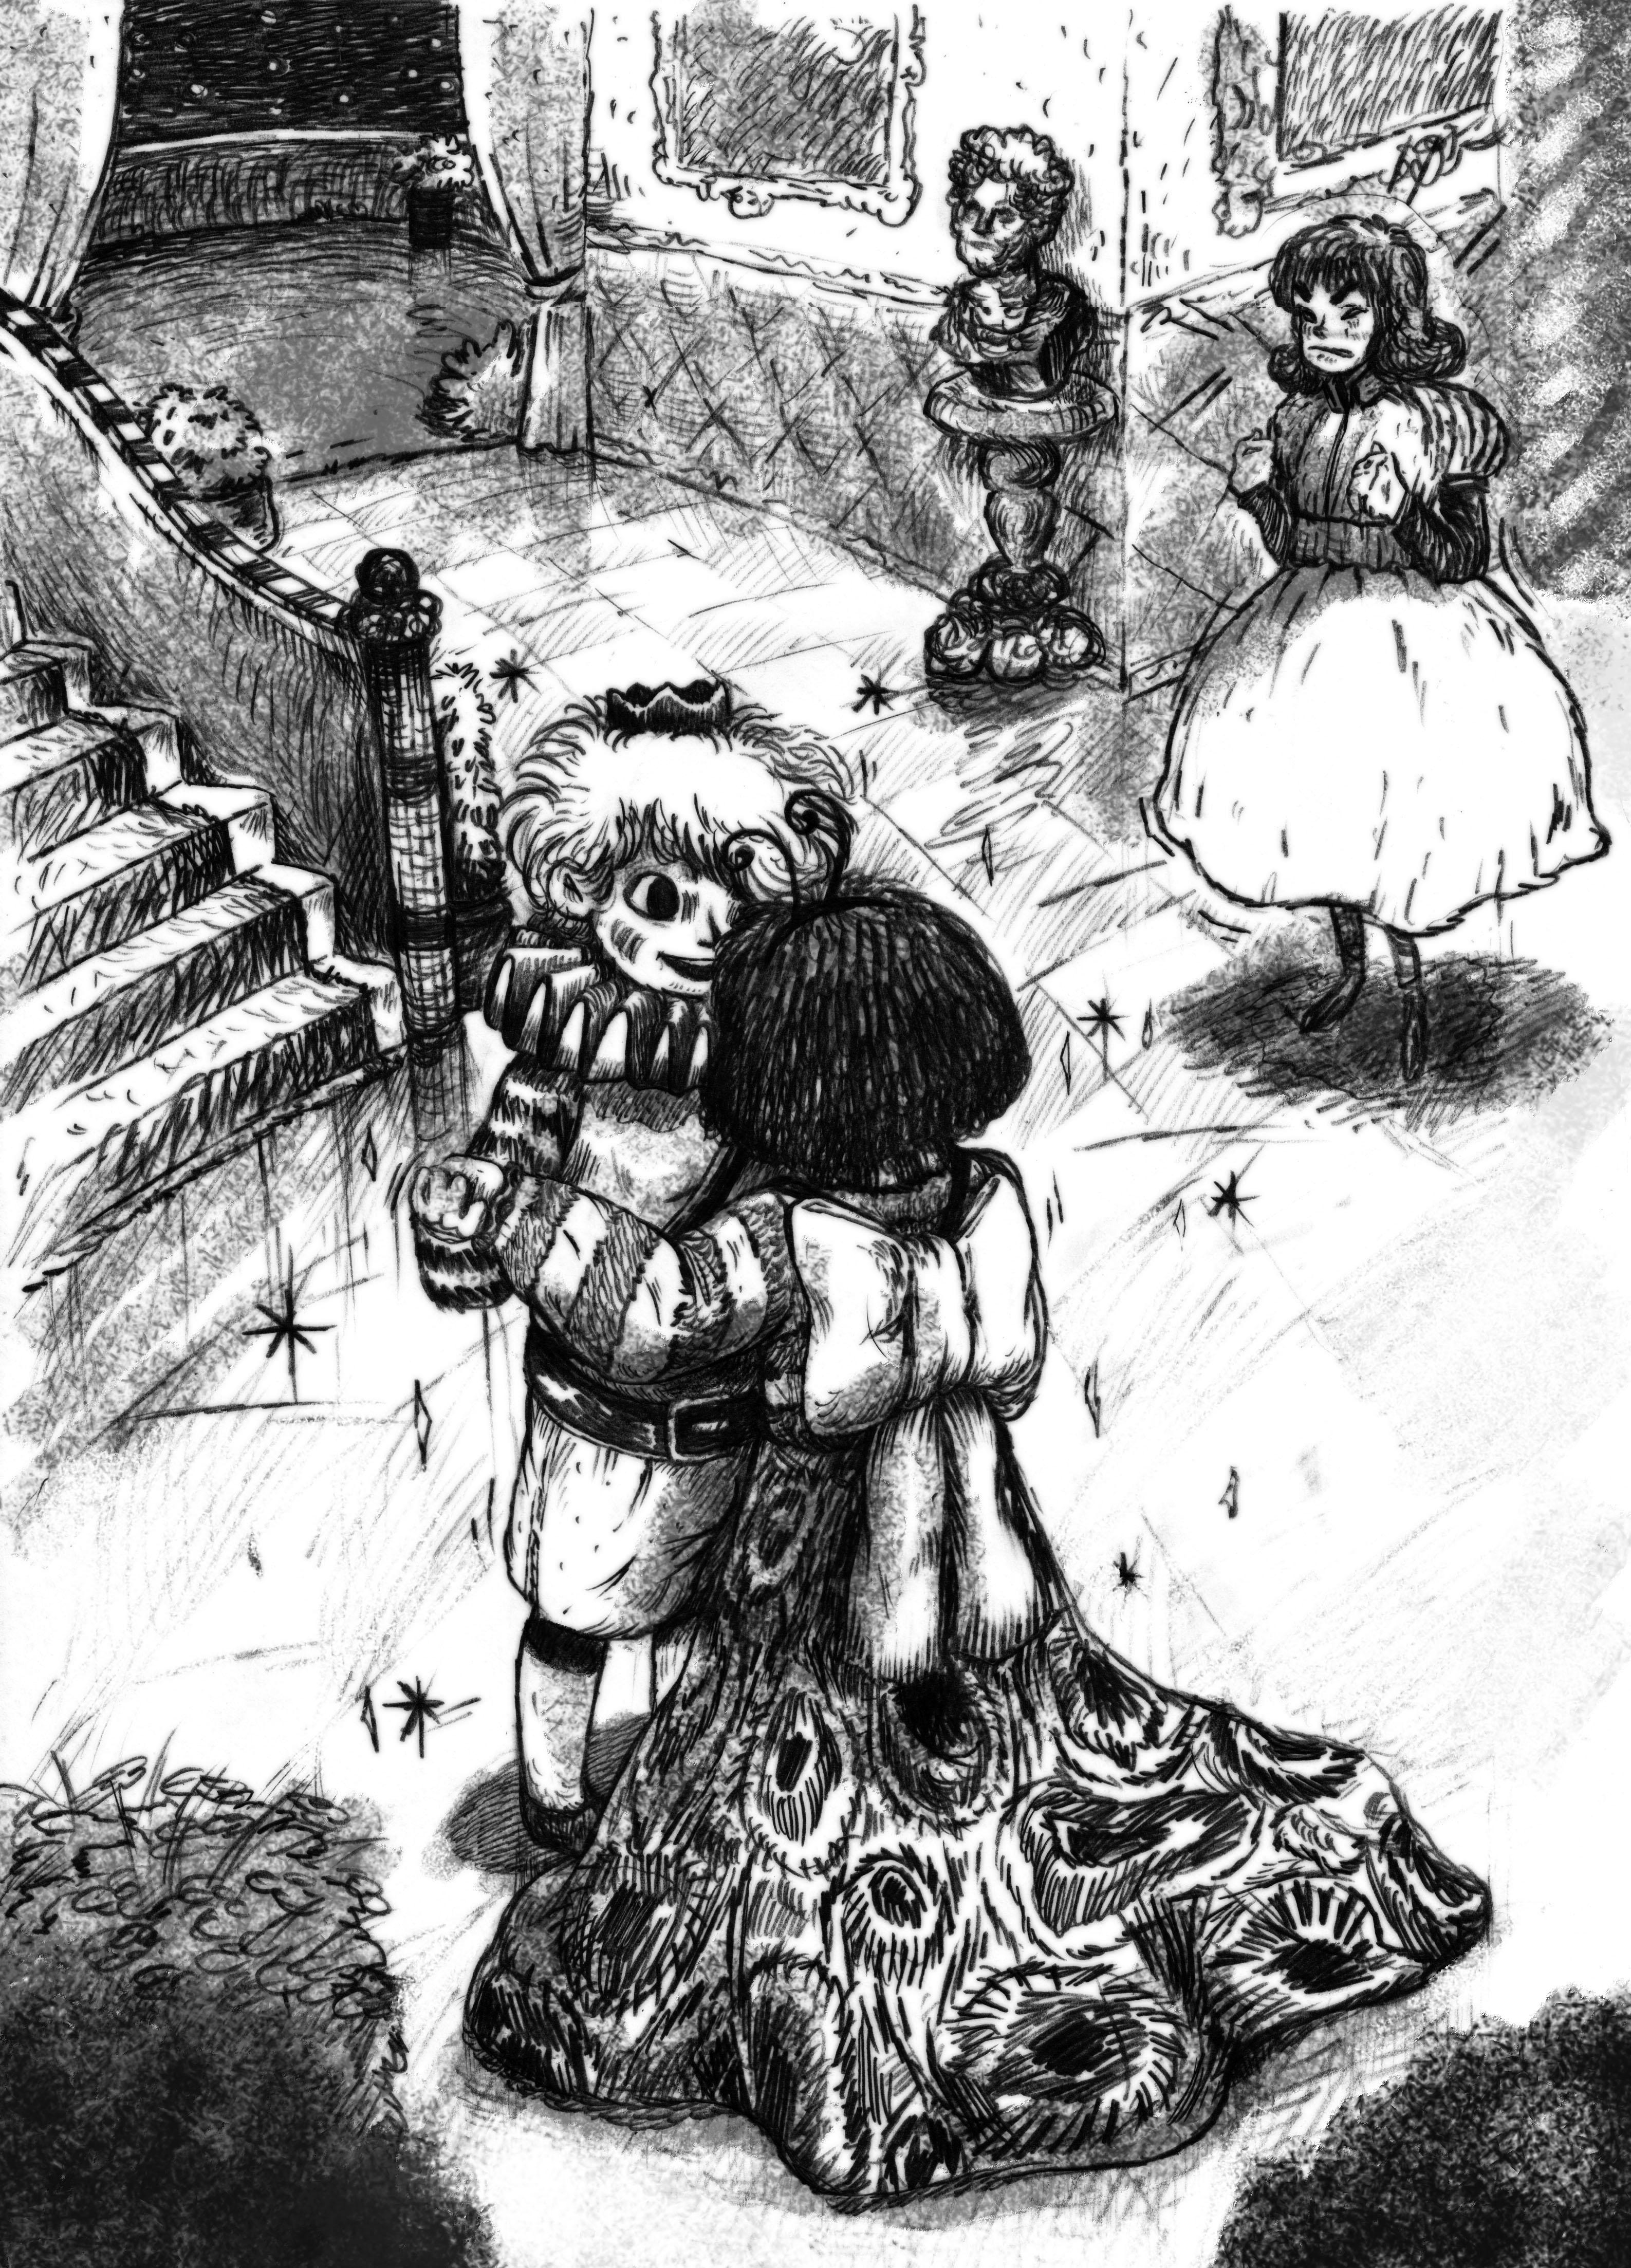 14) เจ้าชายเต้นรำกับสาวน้อย